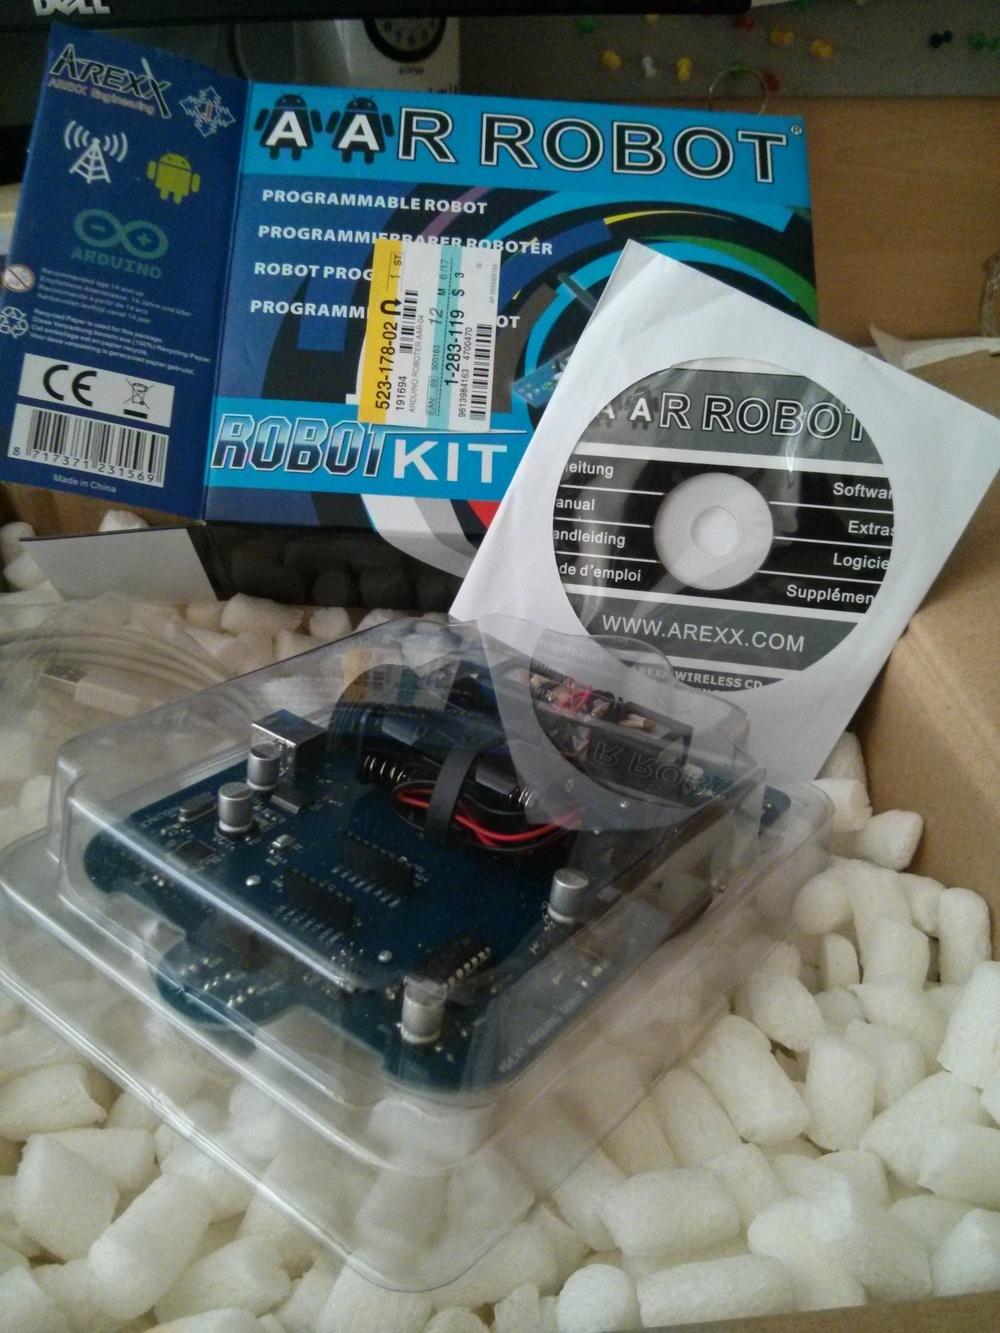 techfreak_pl_Arduino-Robot_AAR-04_9-13